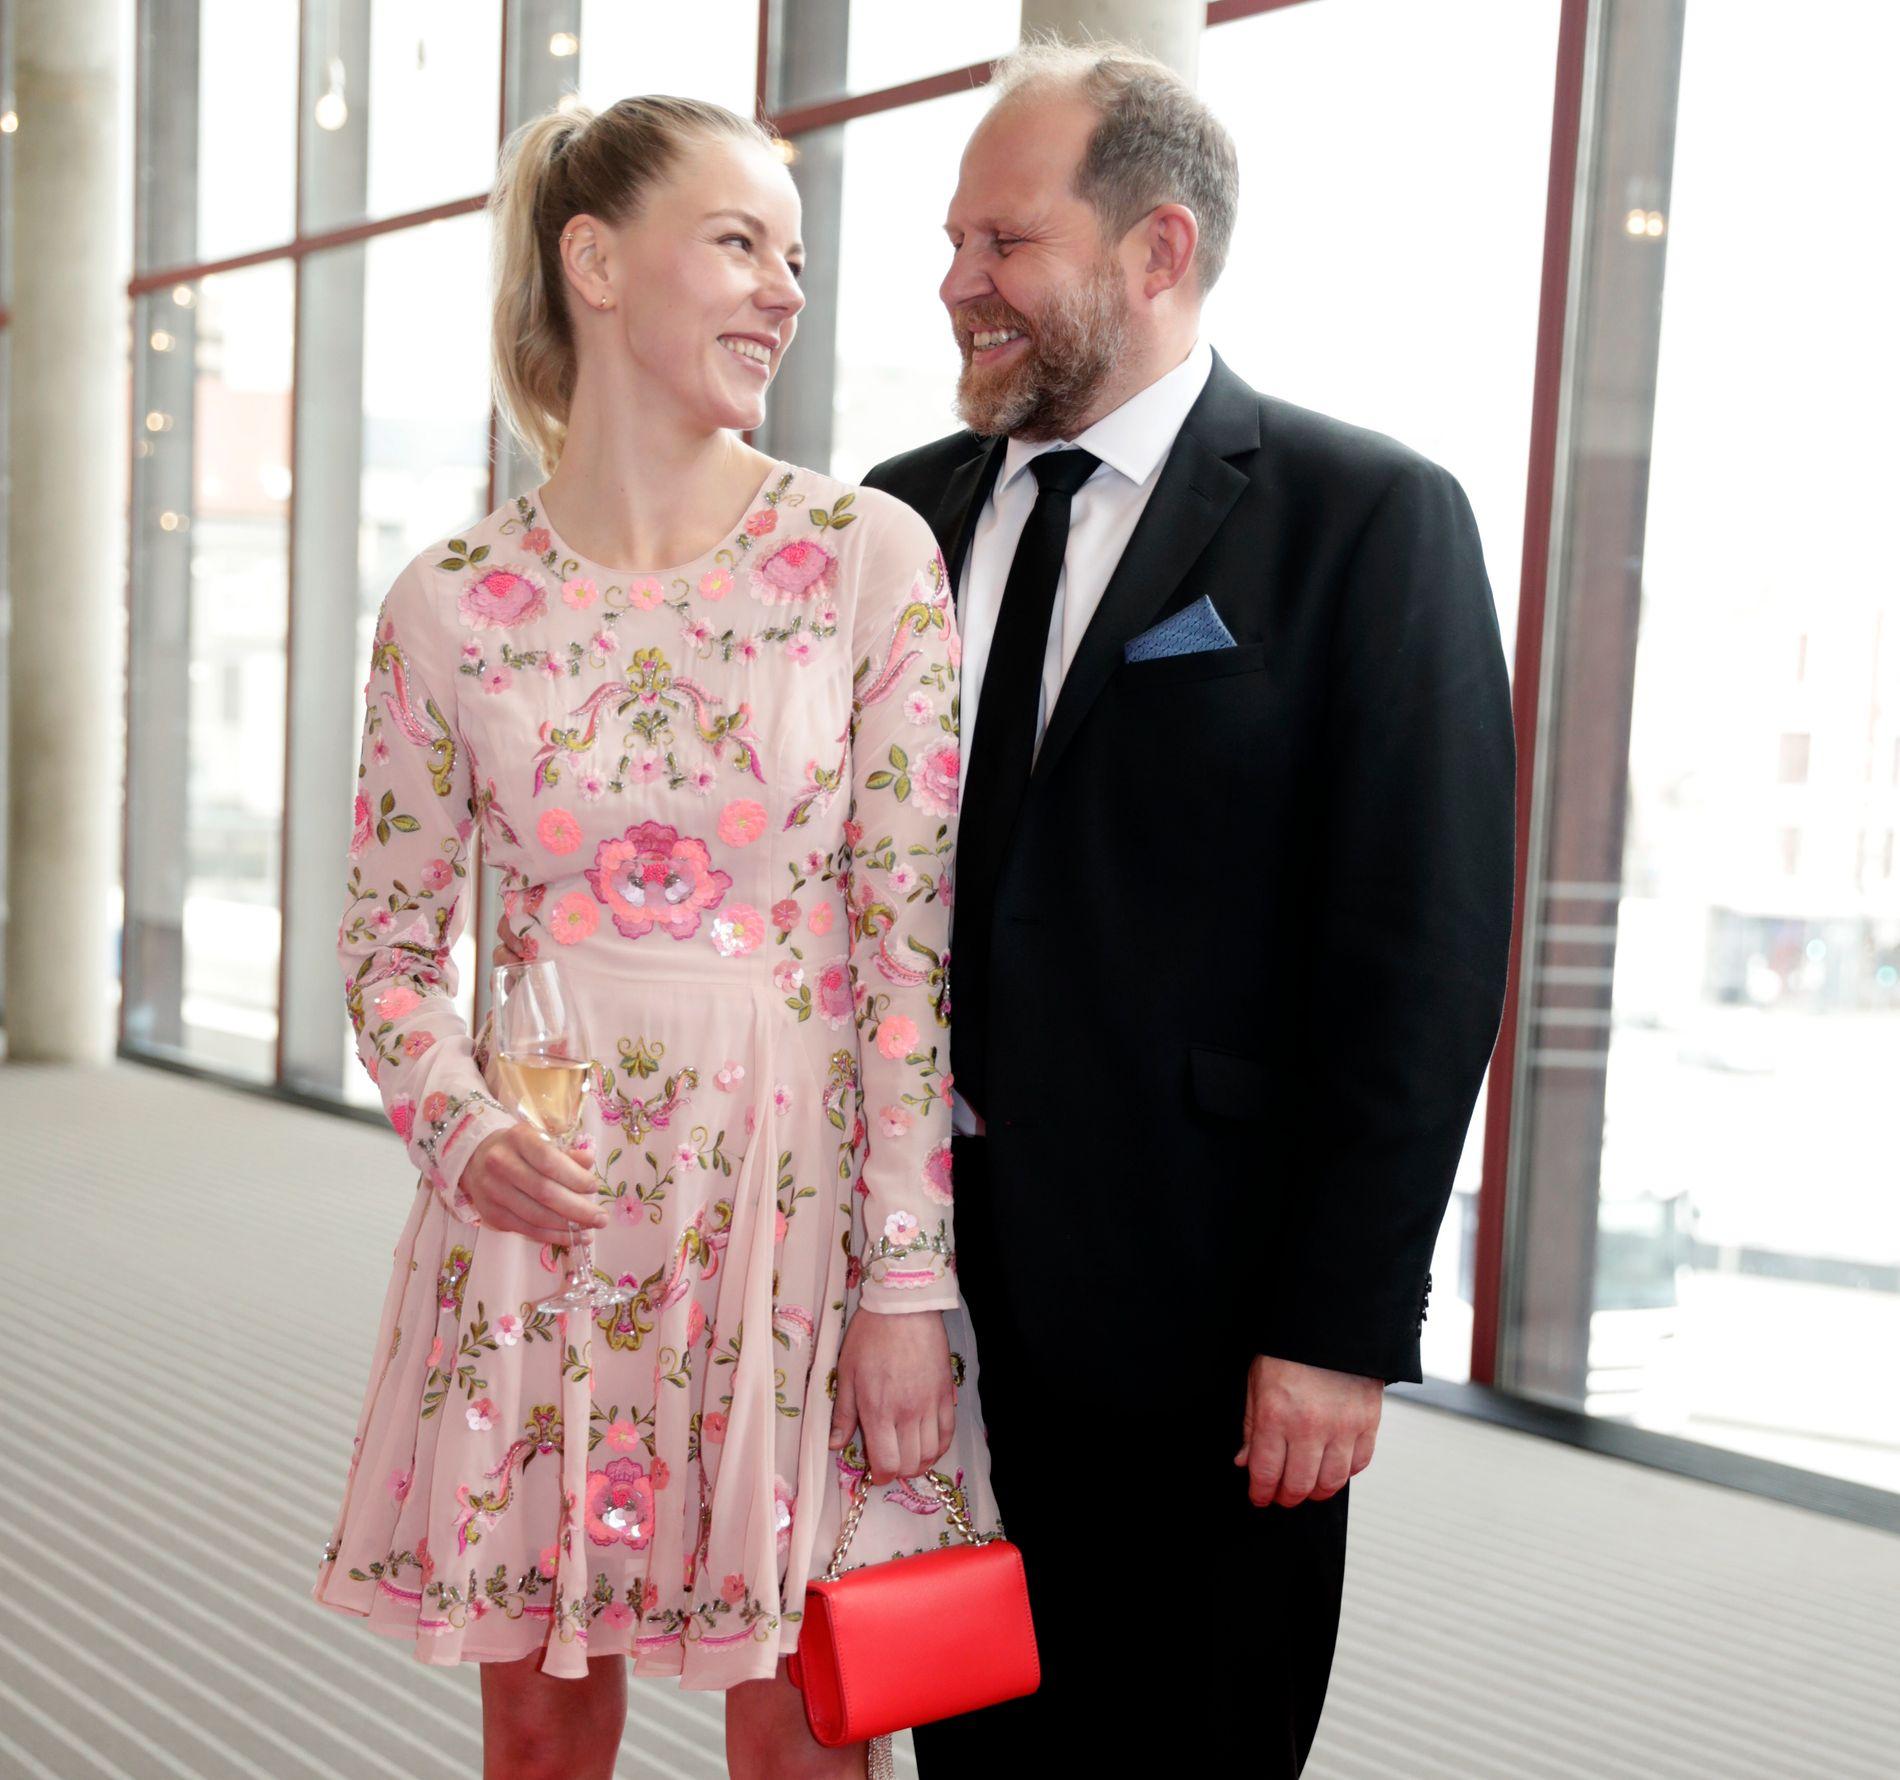 SAMMEN PÅ FEST: Truls Svendsen og kjæresten Charlotte Smith.